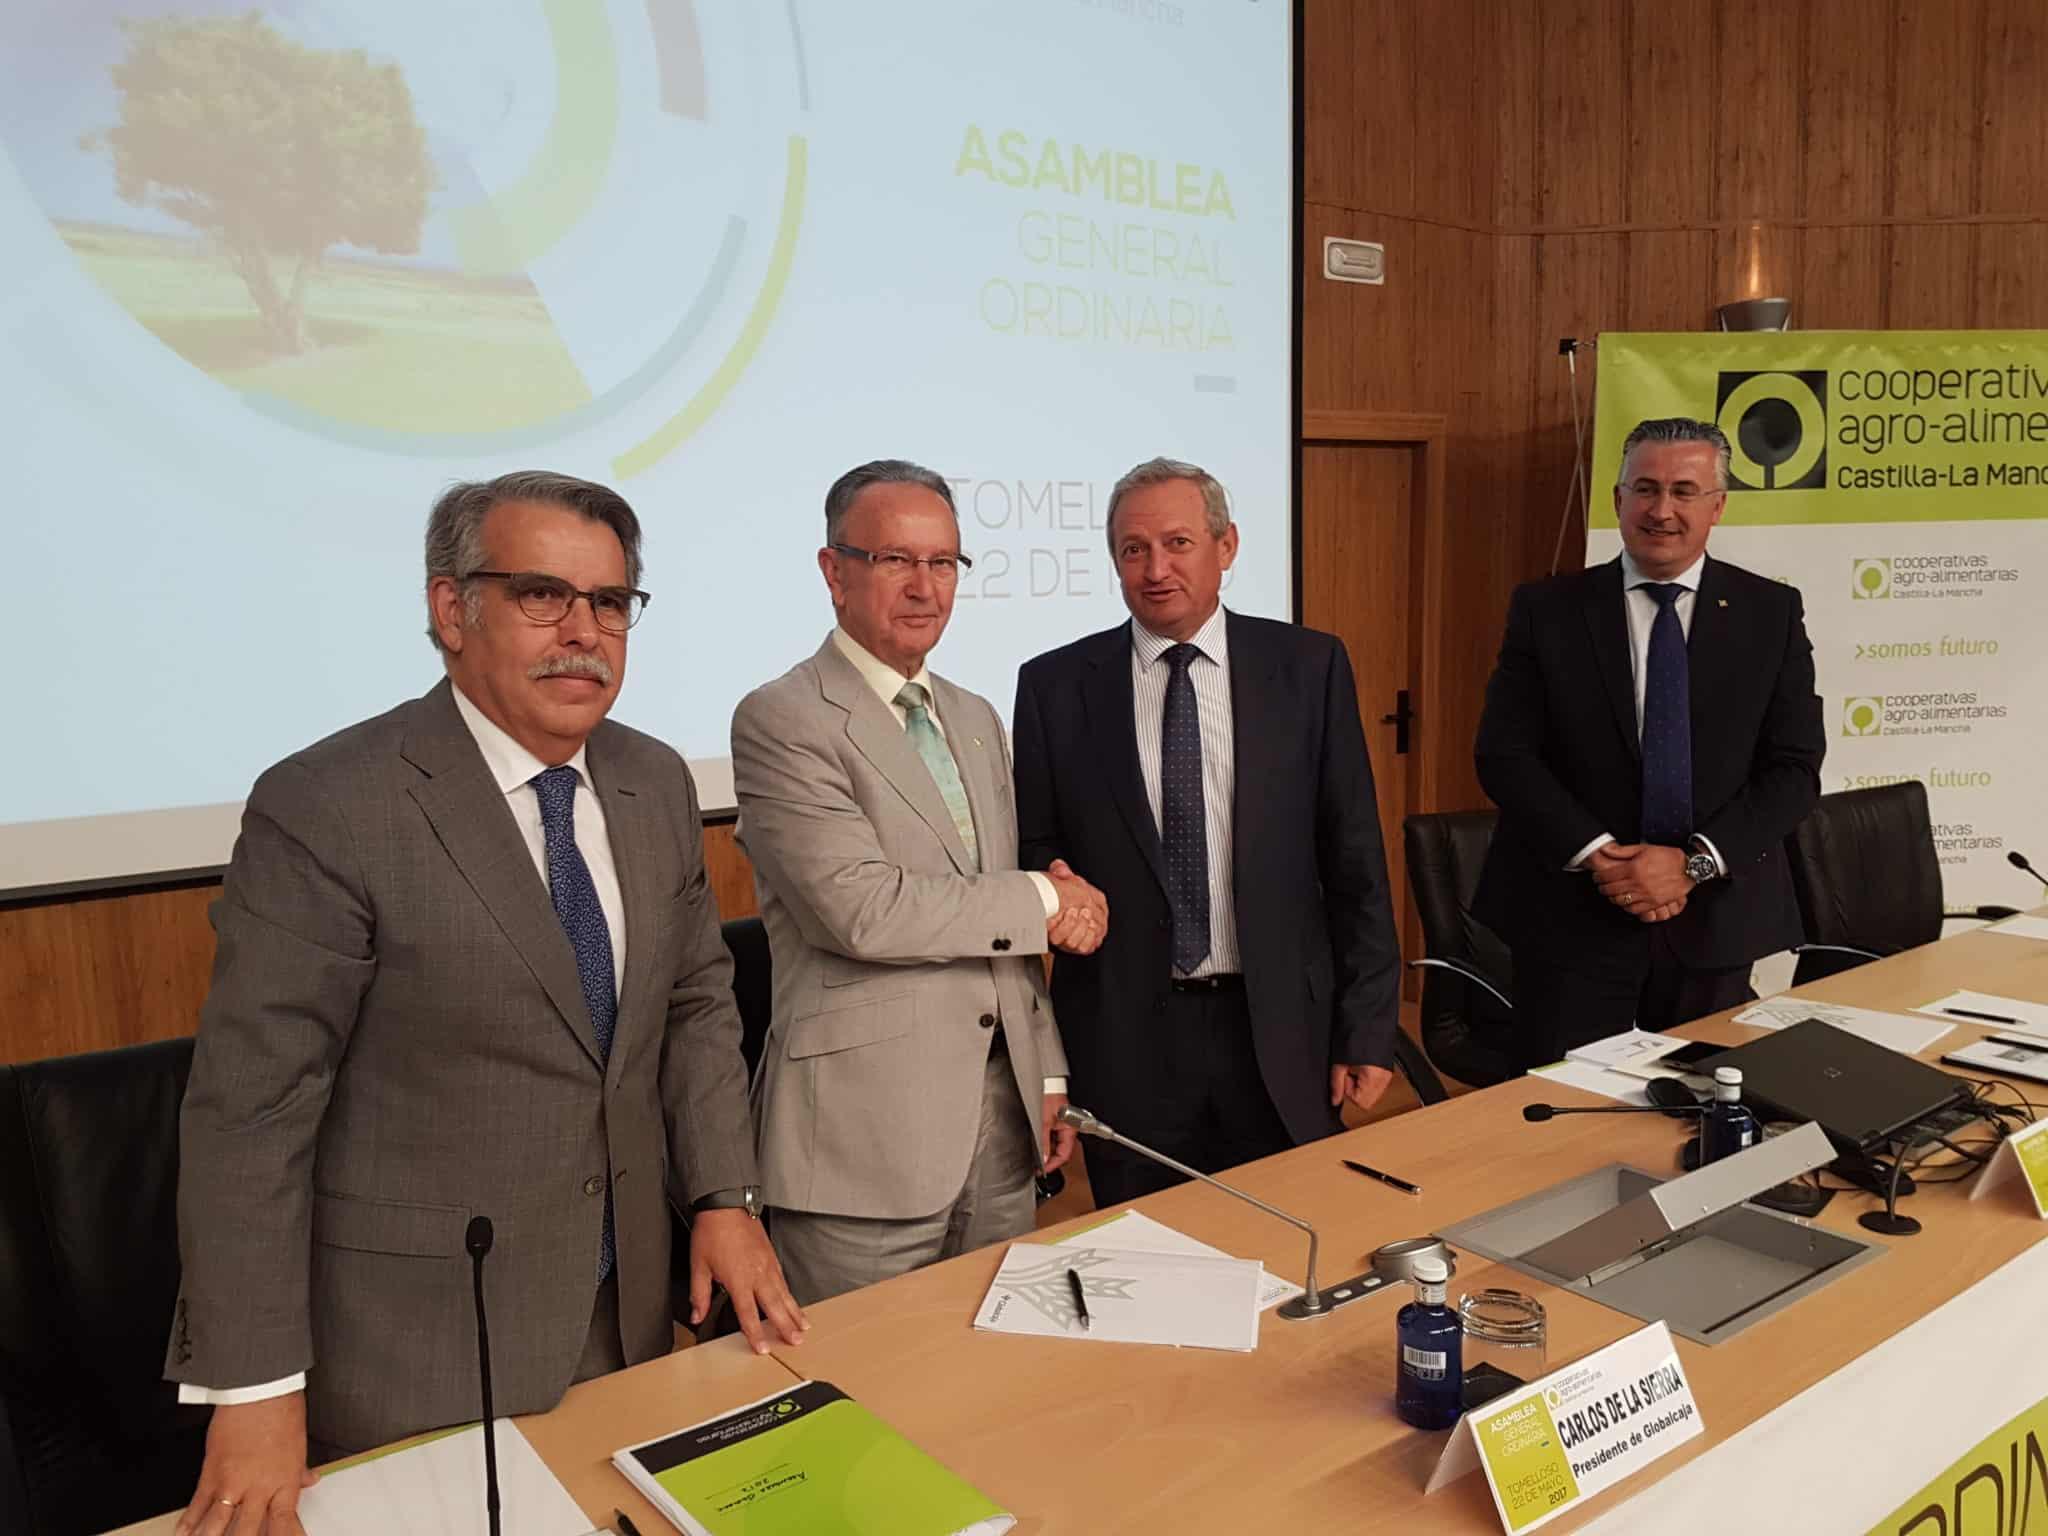 convenio Globalcaja Cooperativas Agro-alimentarias CLM